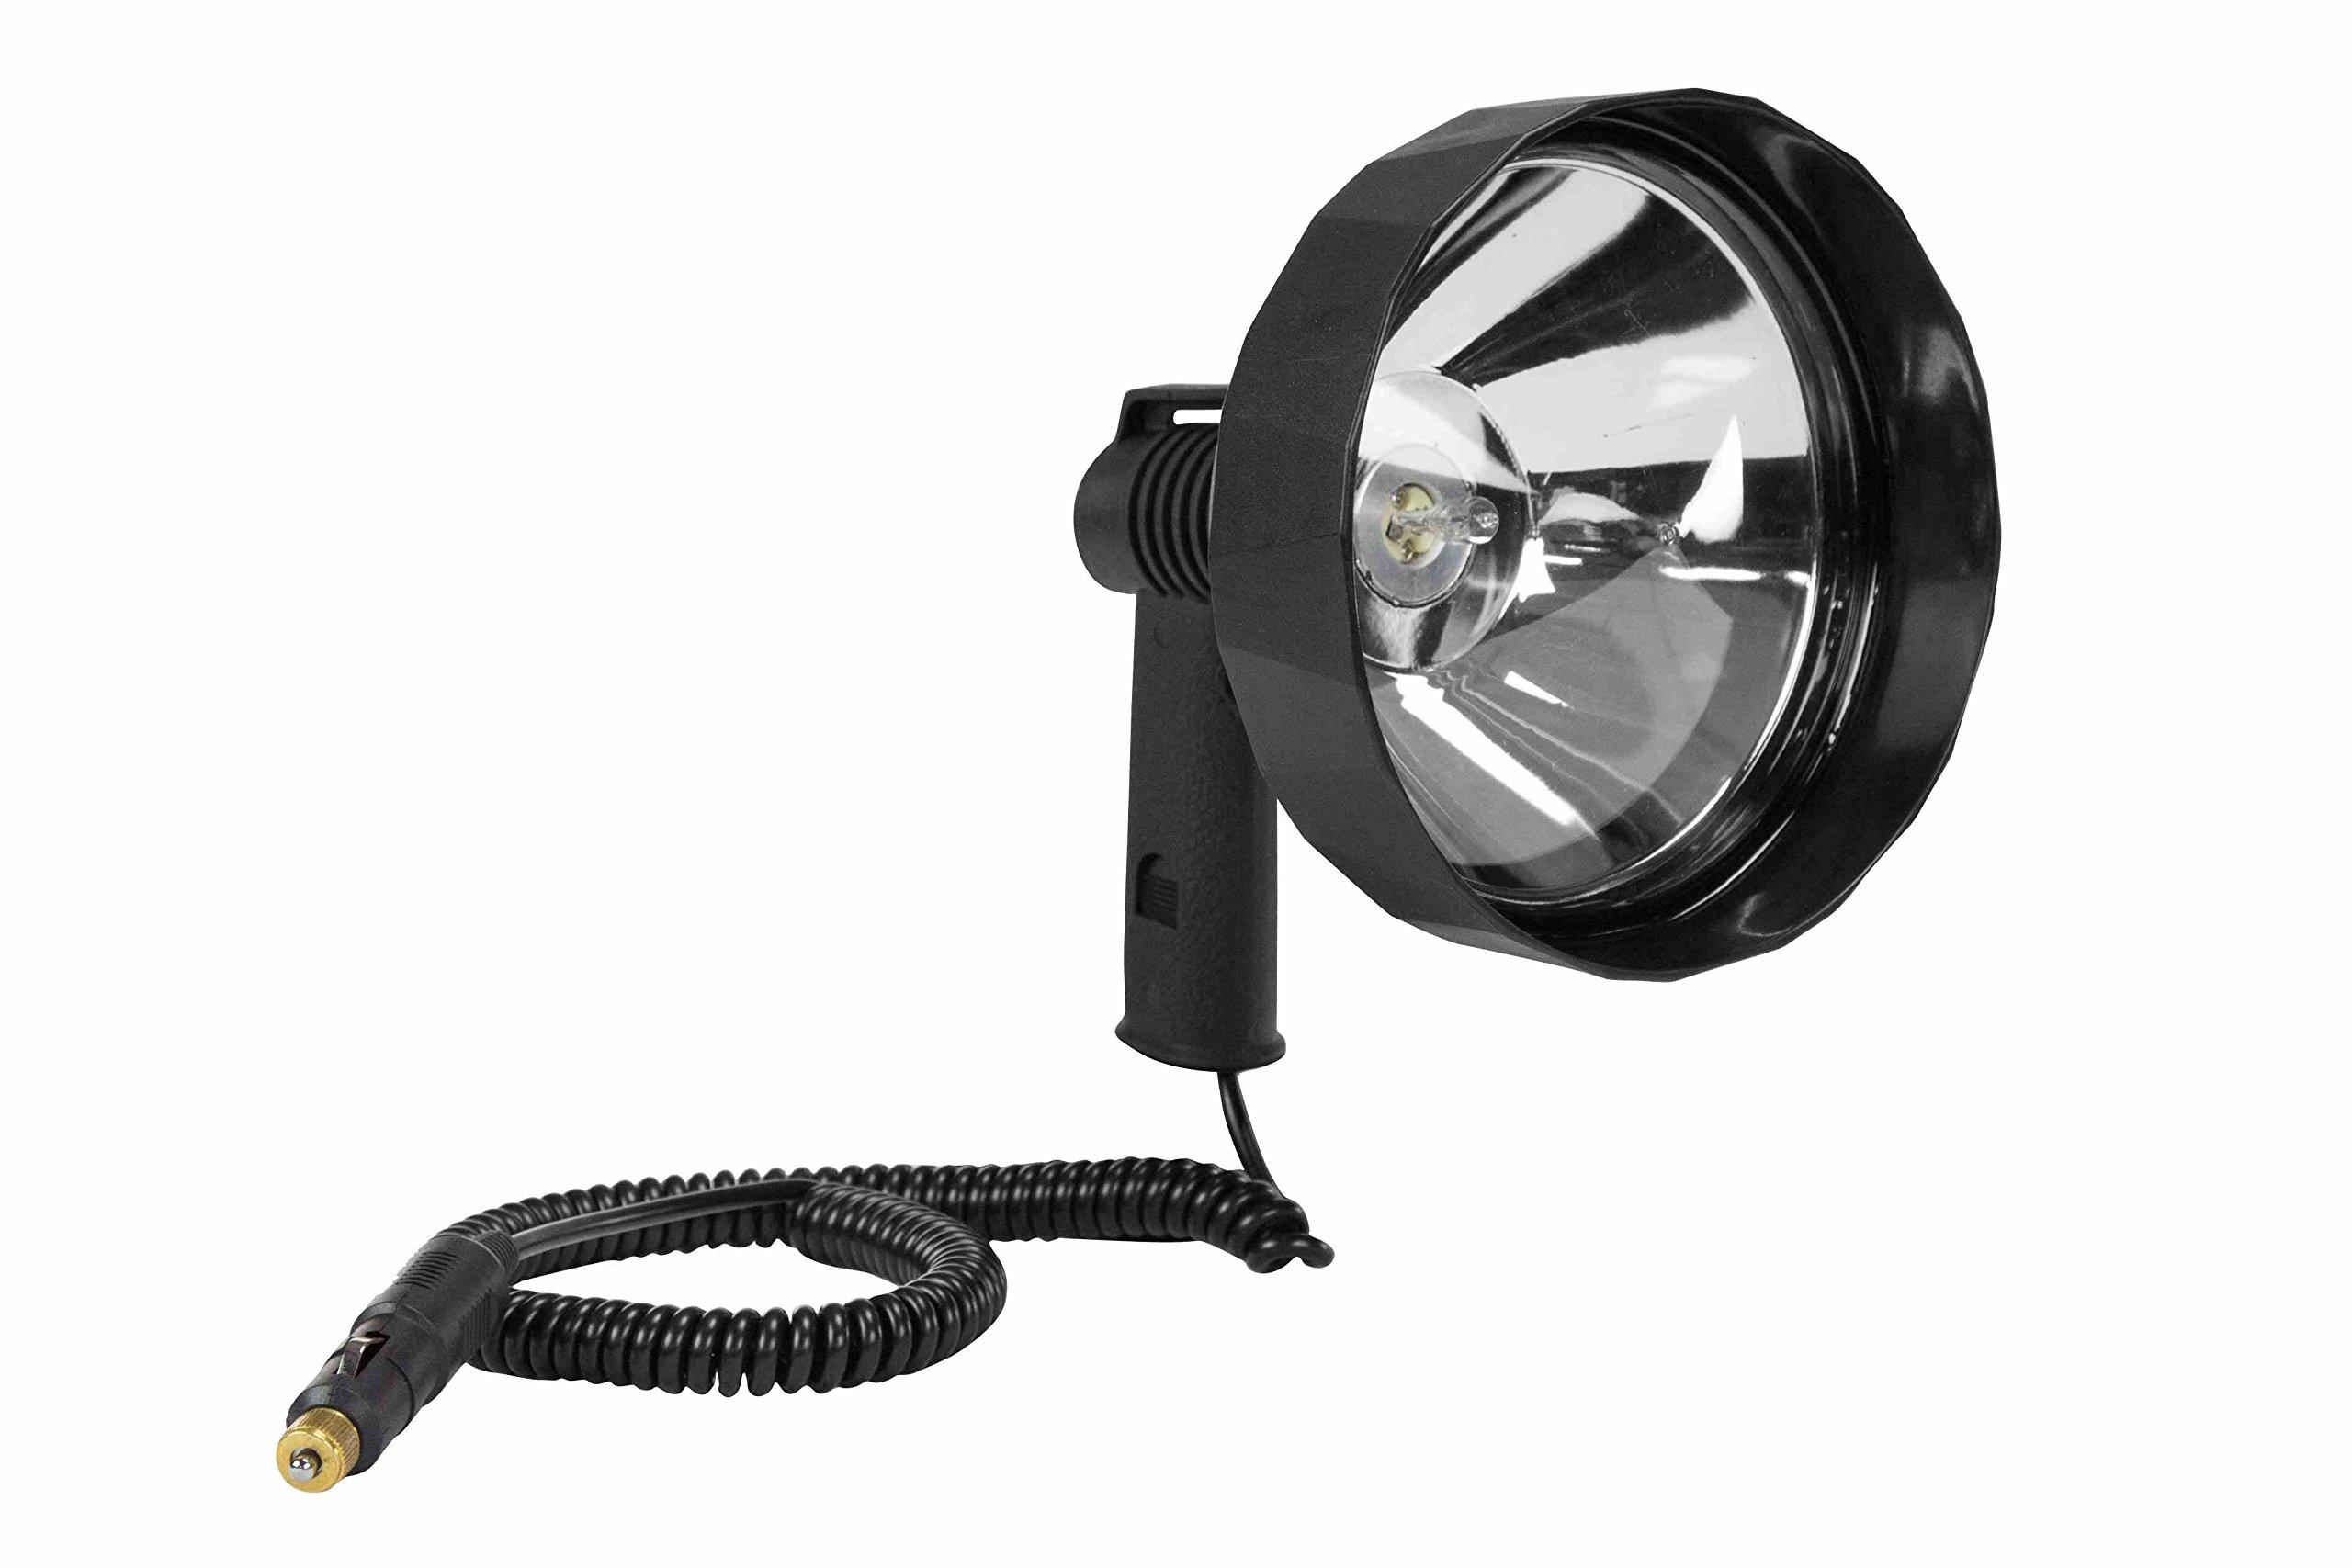 7 Million Candlepower Handheld Spotlight - 100 Watt Halogen - Spot & Flood Combo - 12V Spotlight